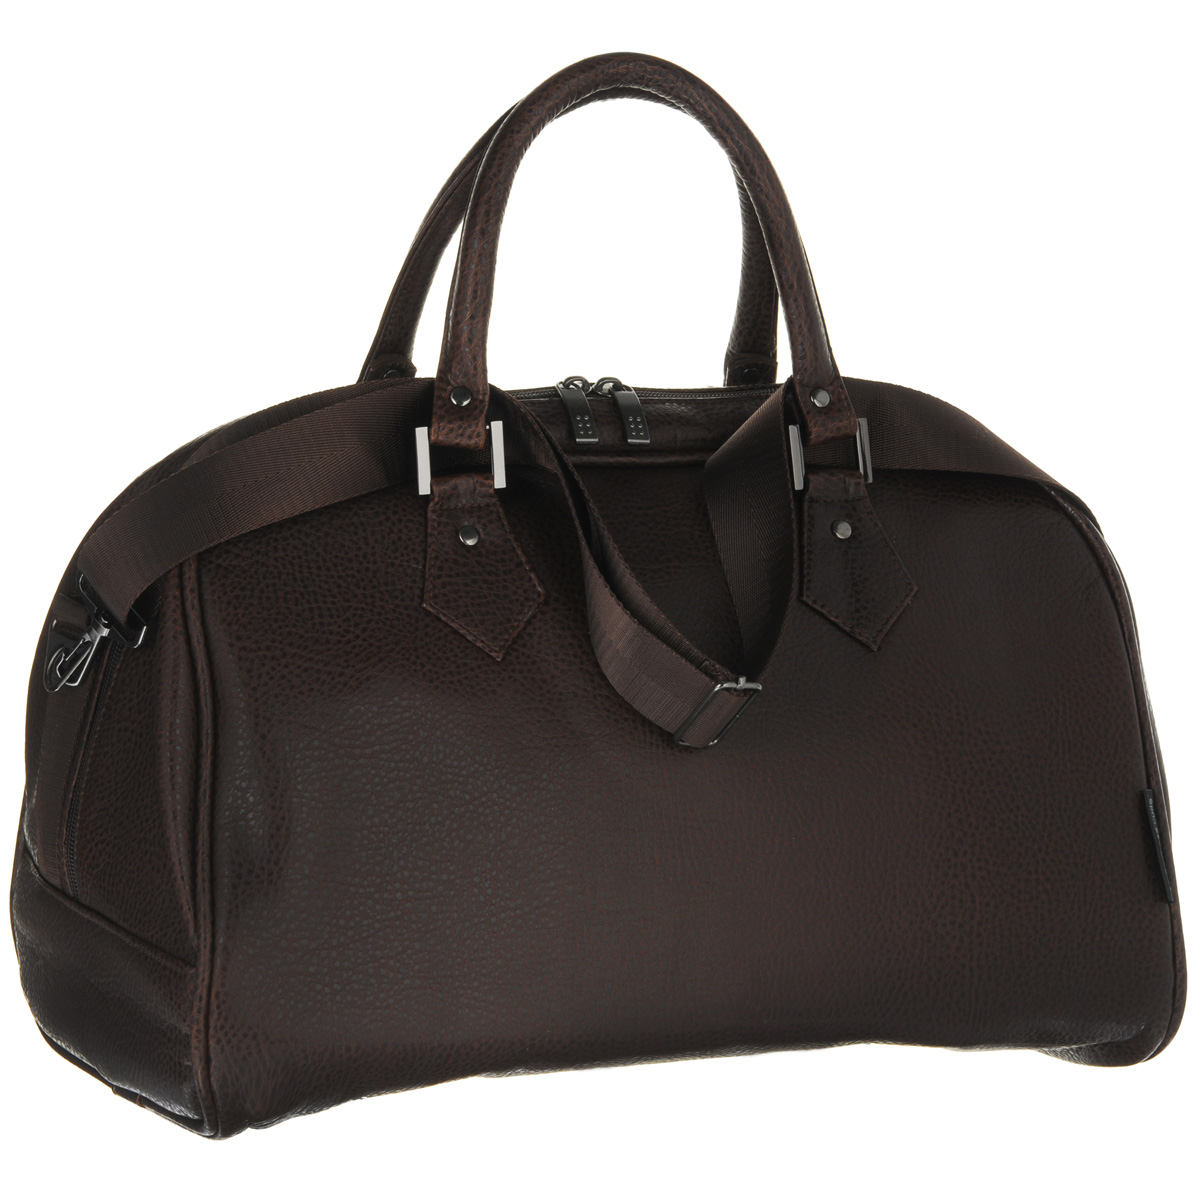 Сумка дорожная Antan, цвет: коричневый. 2-137 В74494Дорожная сумка Antan выполнена из фактурной искусственной кожи. Удобные ручки крепятся к корпусу сумки при помощи металлической фурнитуры. Изделие закрывается на удобную застежку-молнию с двумя бегунками. Вместительное внутреннее отделение дополнено врезным карманом на застежке-молнии. В комплекте с сумкой - съемный регулируемый плечевой ремень.Стильная дорожная сумка не только дополнит ваш образ, но и отлично подойдет для дальних поездок. В ней вы сможете оптимально распределить все необходимые вещи.